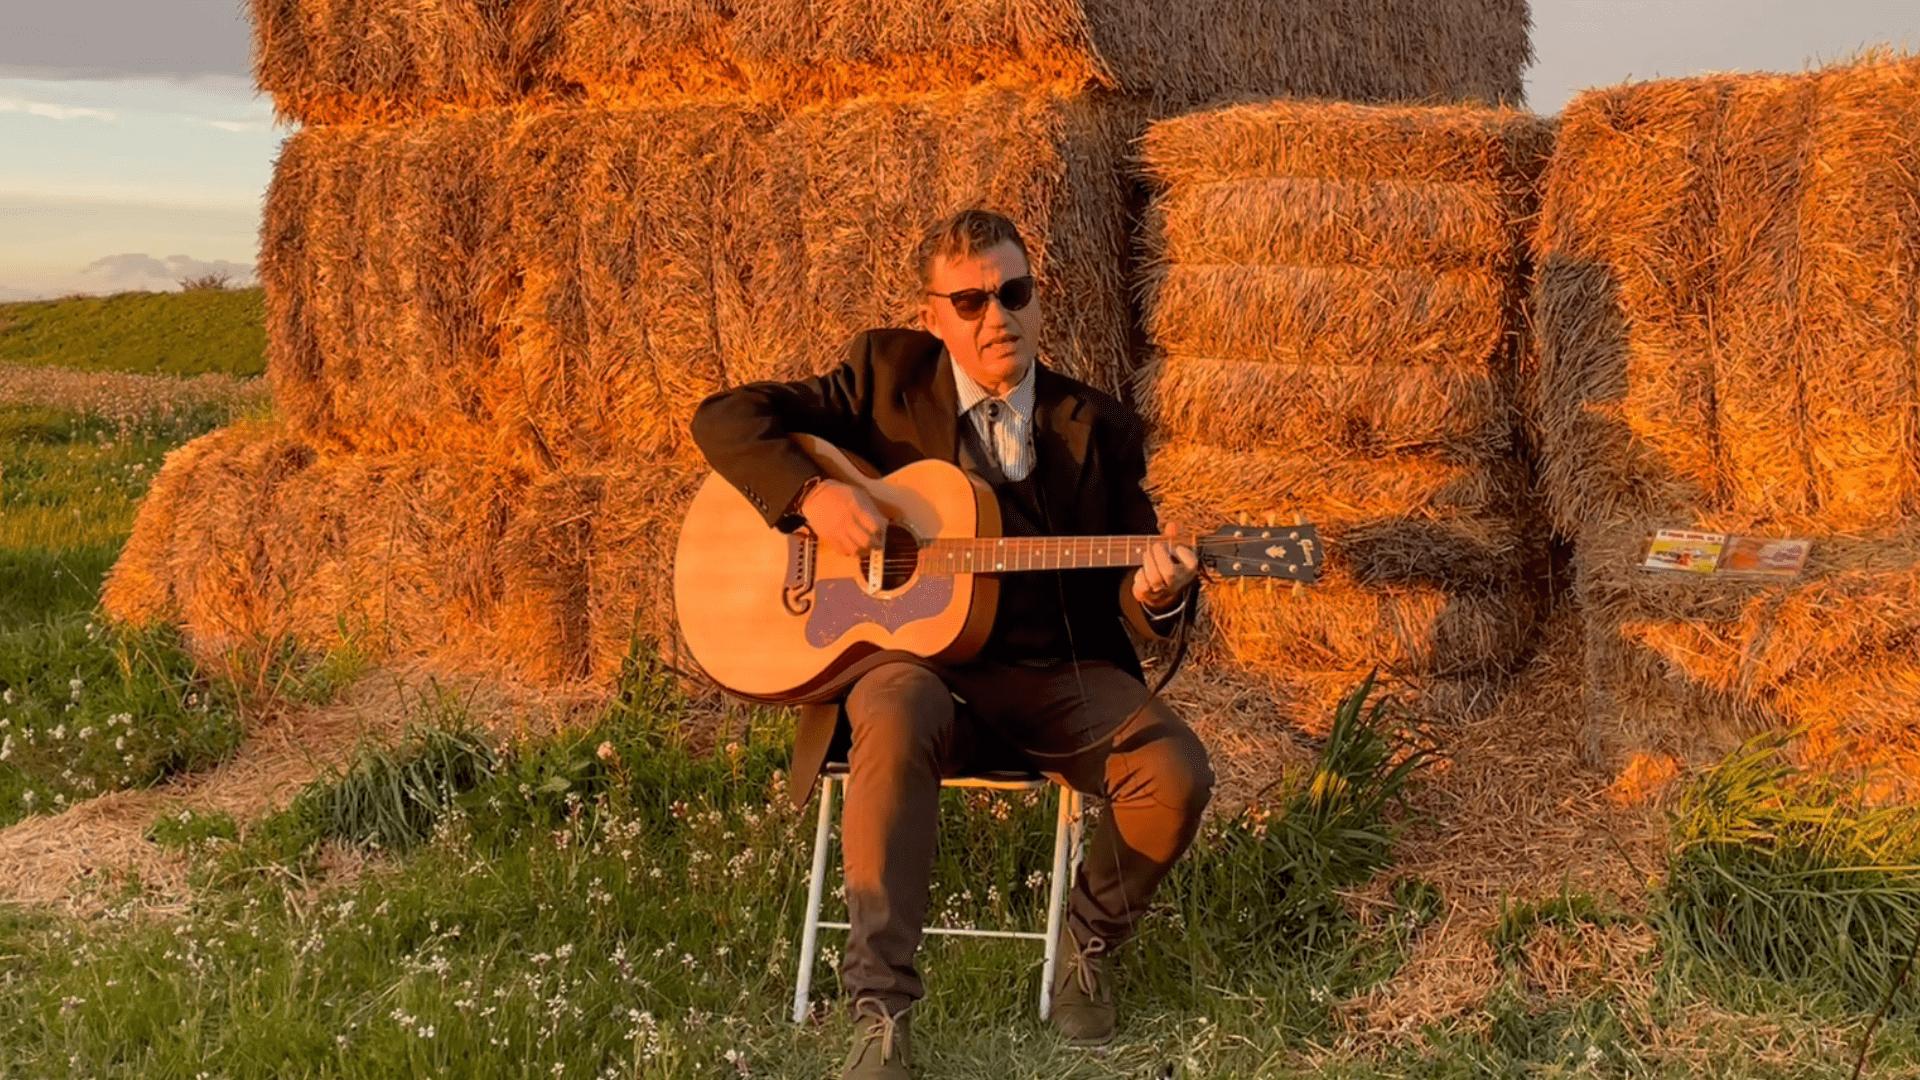 David Esterri canta dues cançons durant l'entrevista